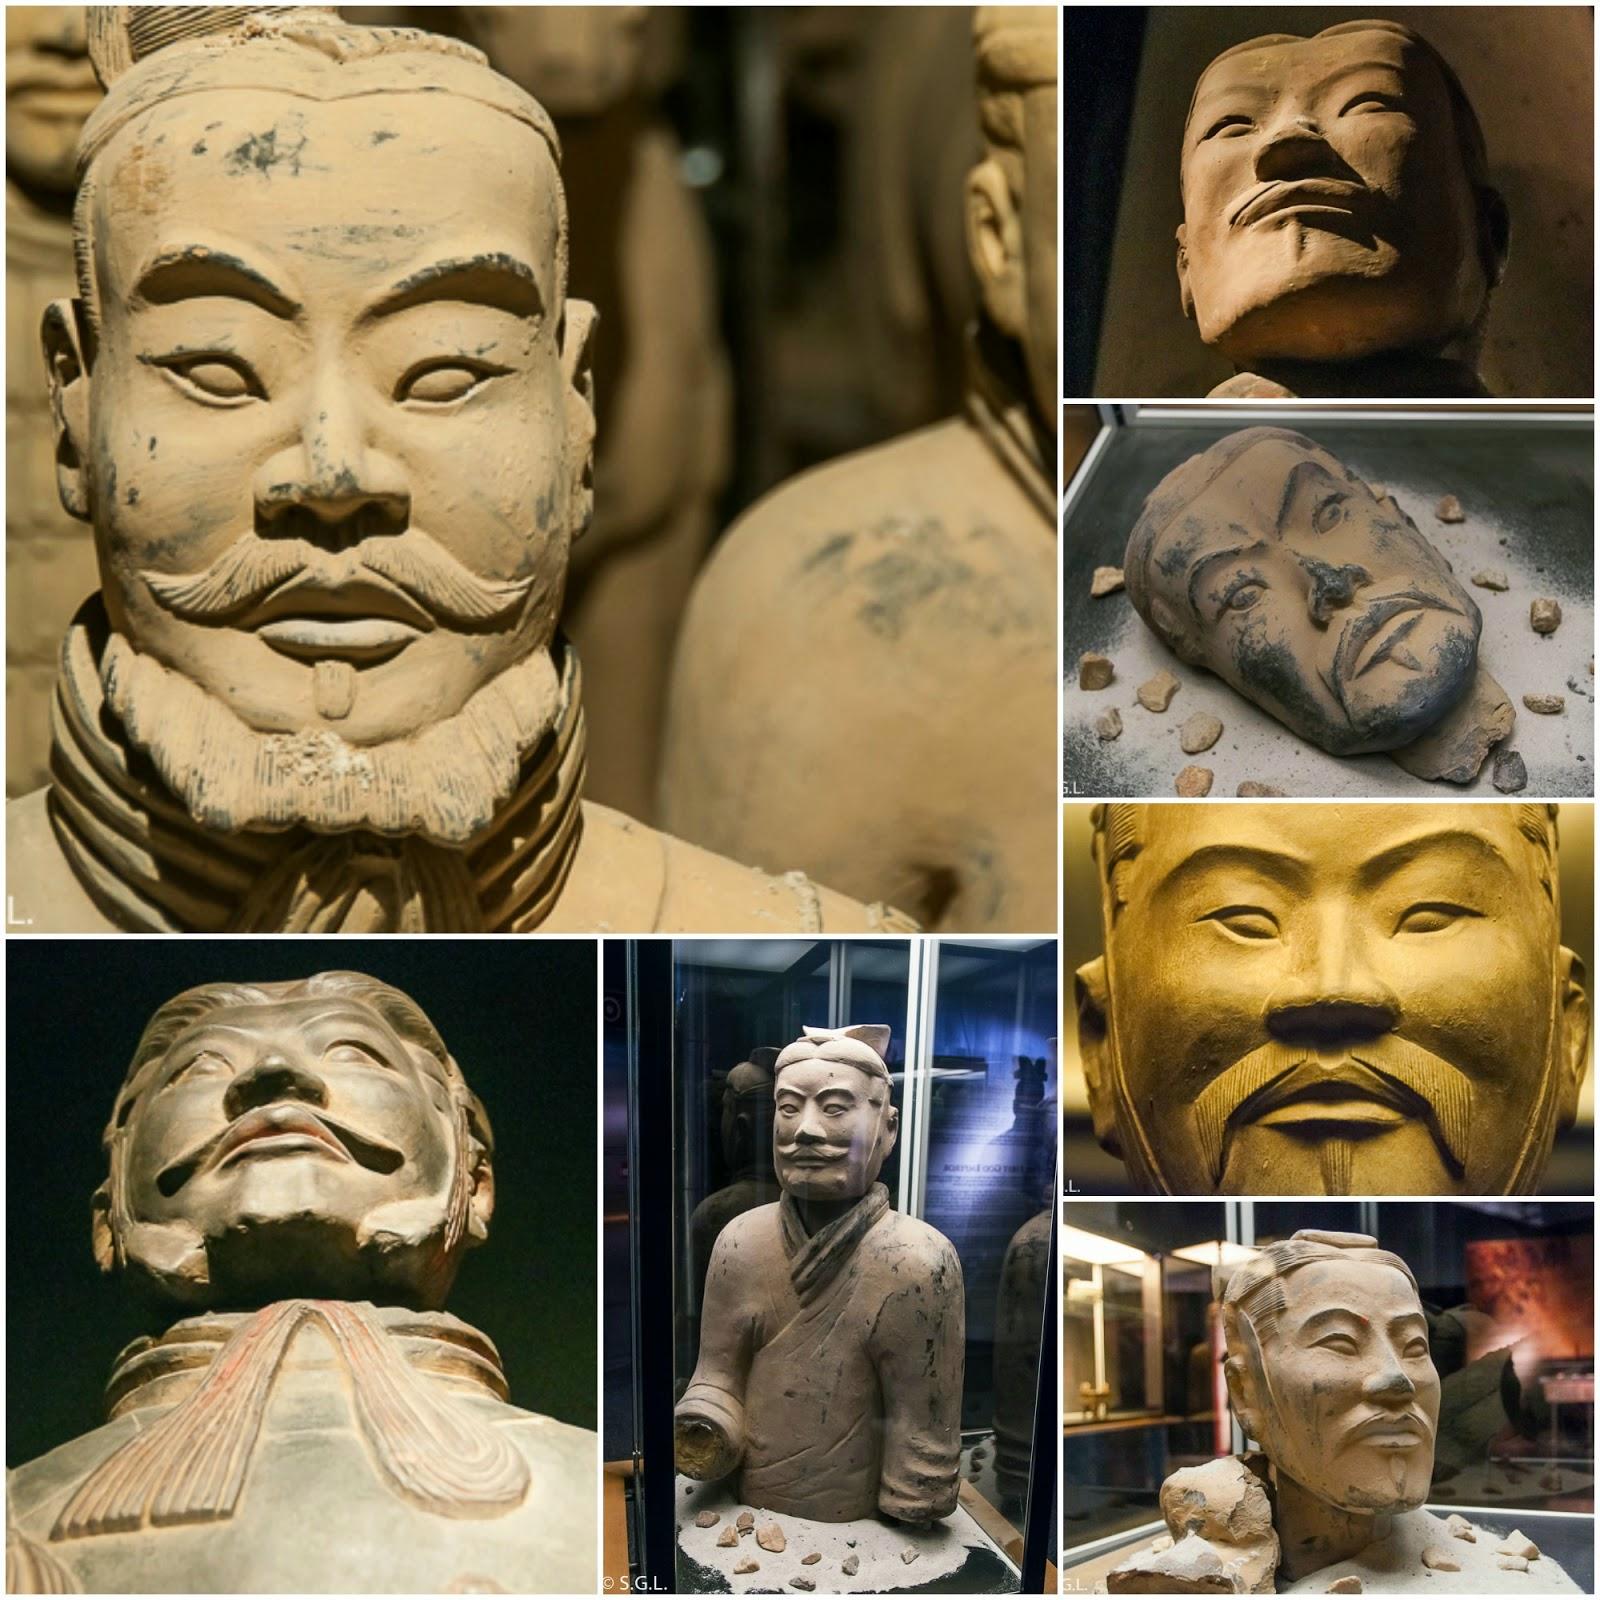 Detalle de los diferentes rostros de los soldados de Terracota.